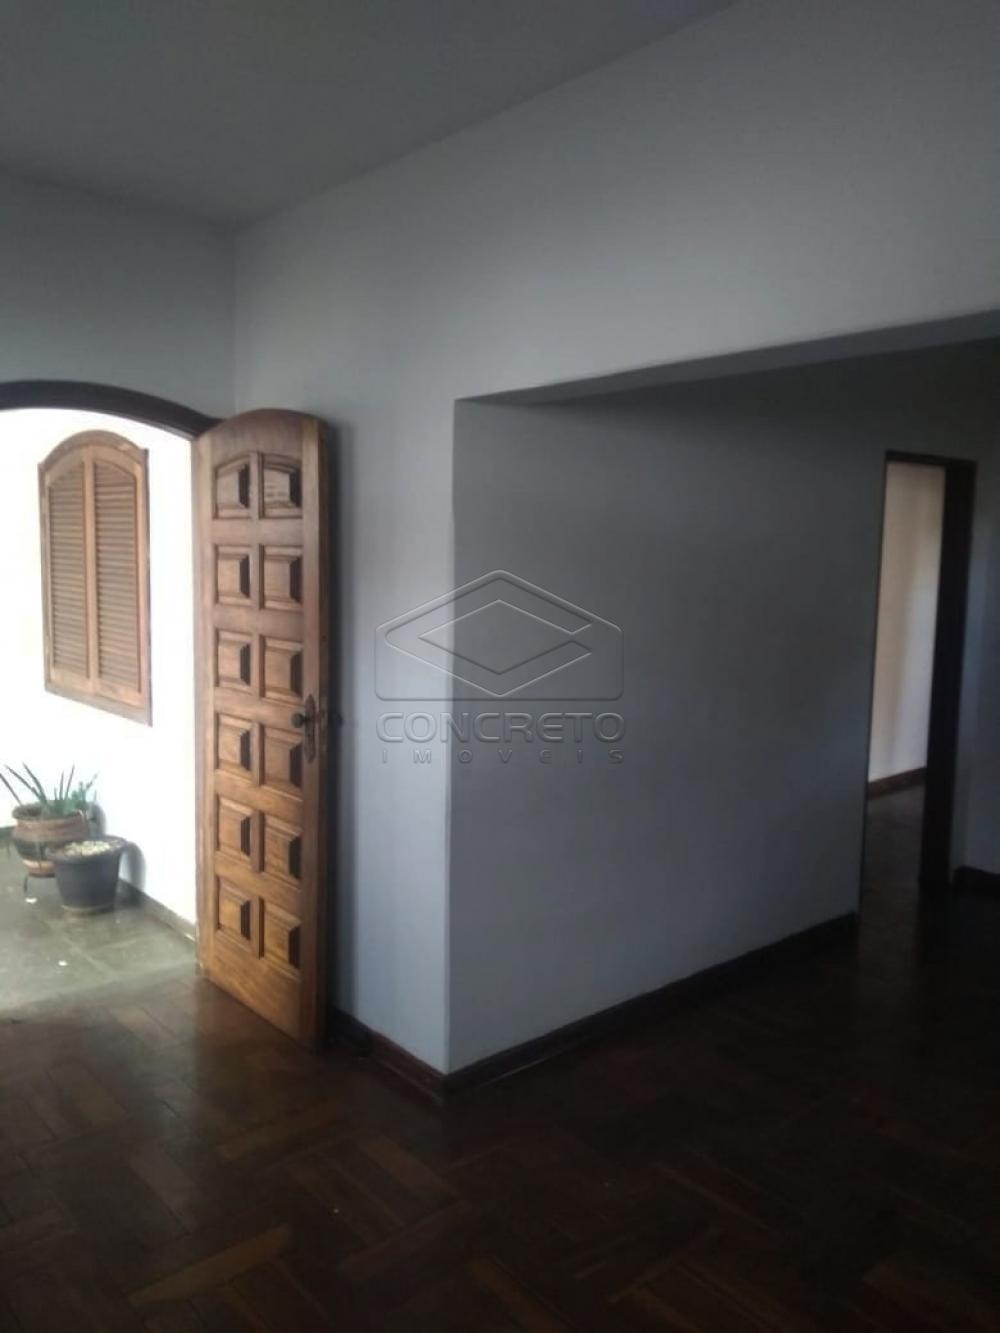 Comprar Casa / Padrão em Sao Manuel apenas R$ 350.000,00 - Foto 3